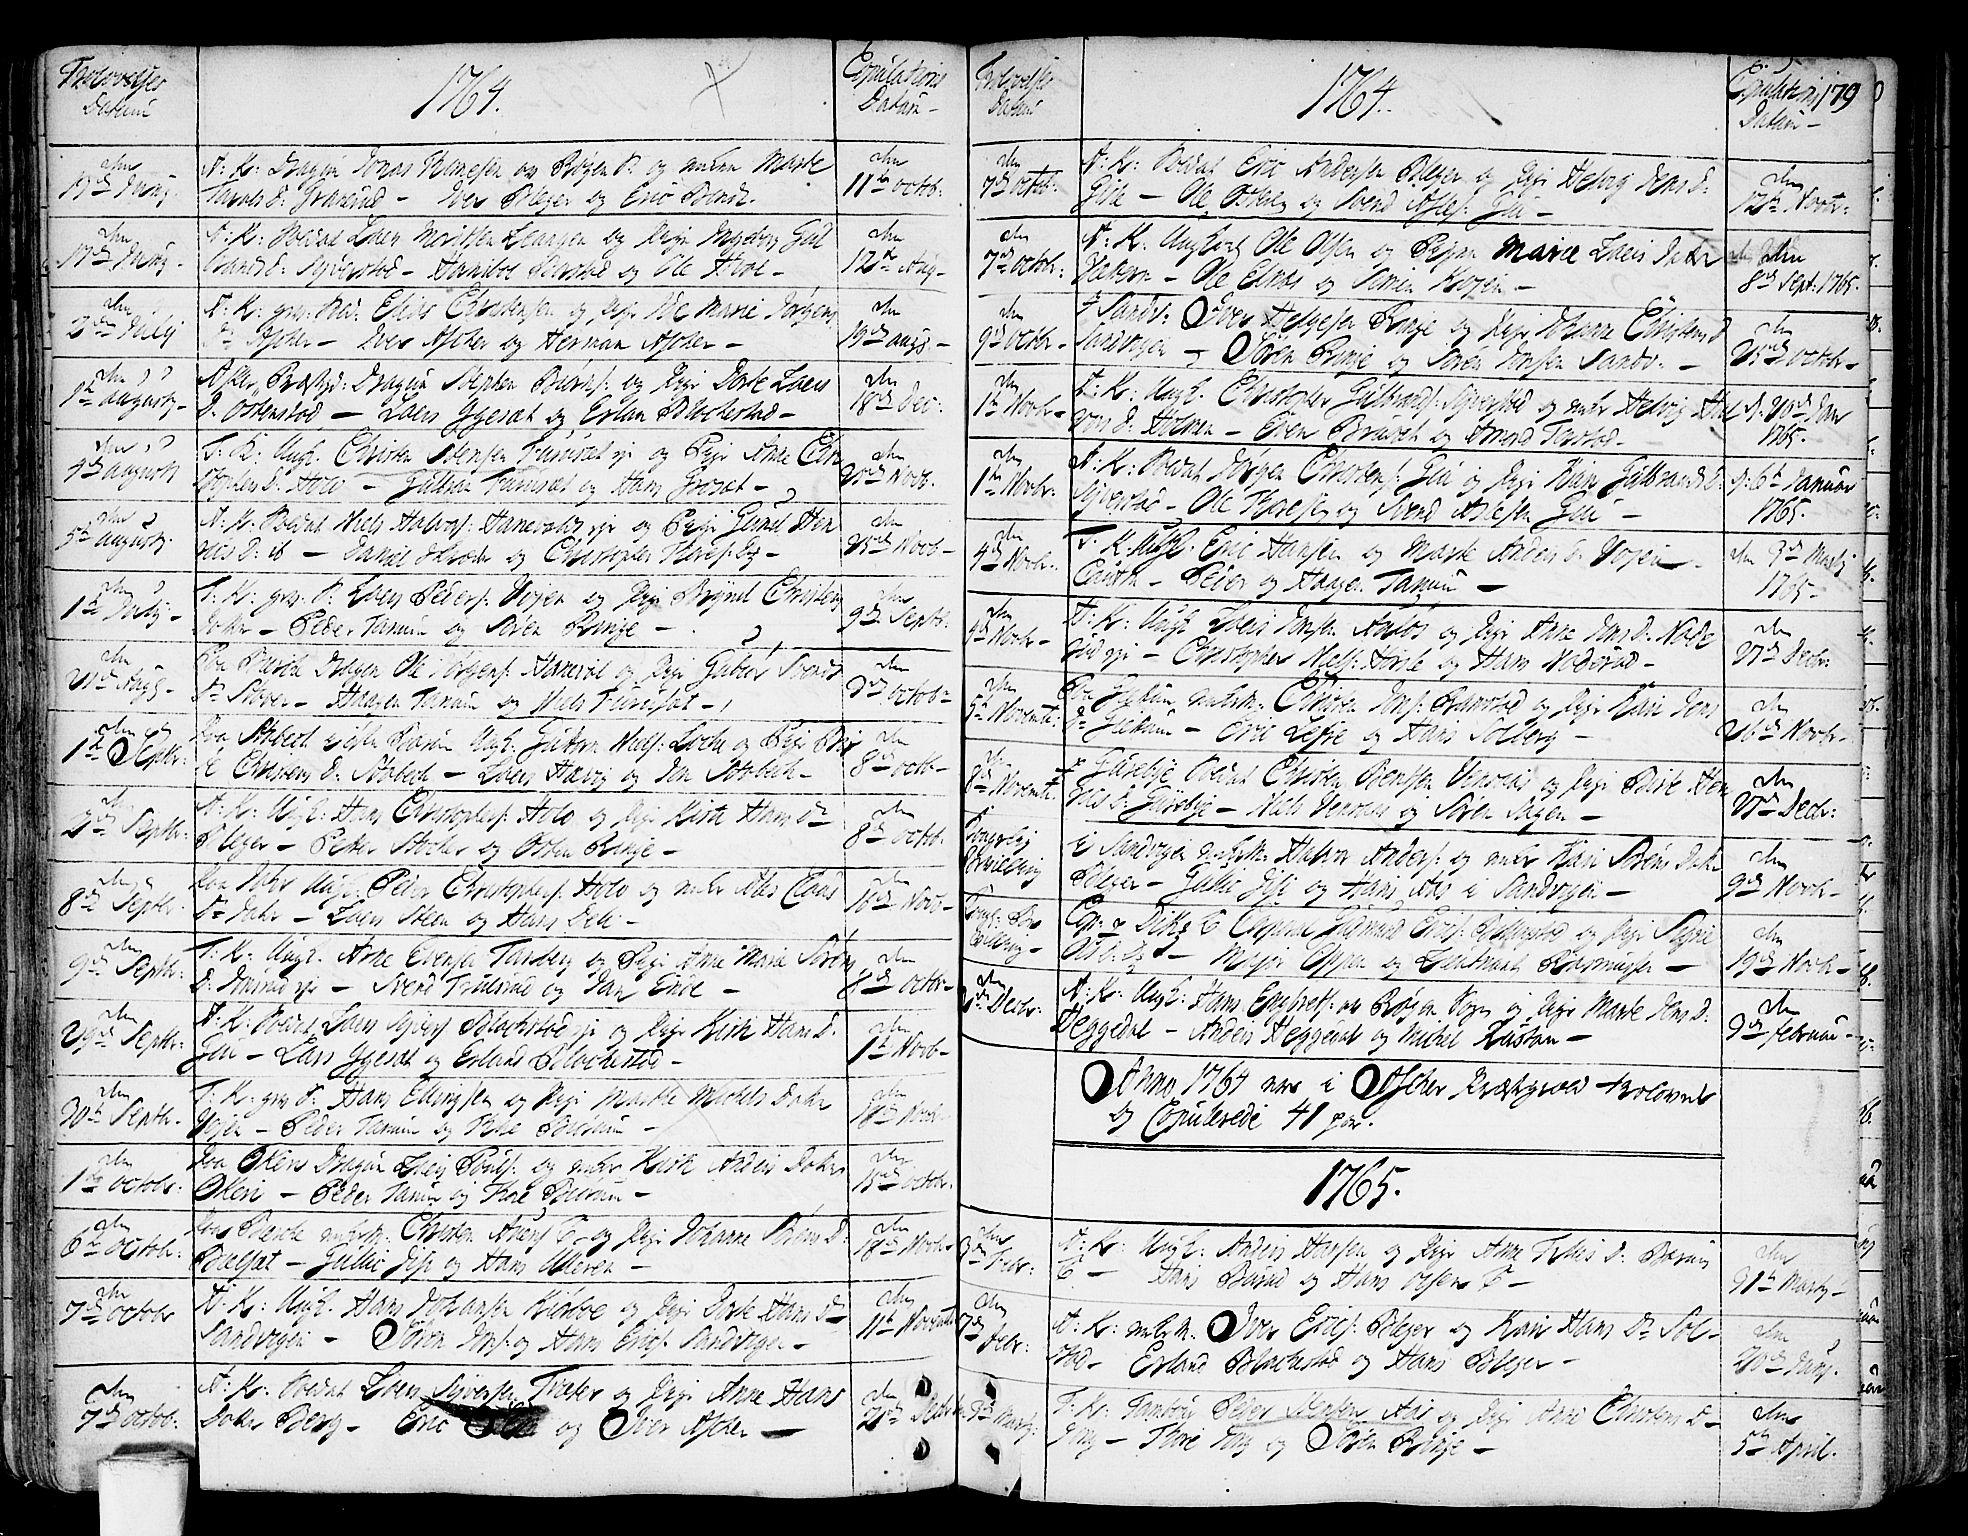 SAO, Asker prestekontor Kirkebøker, F/Fa/L0002: Ministerialbok nr. I 2, 1733-1766, s. 179